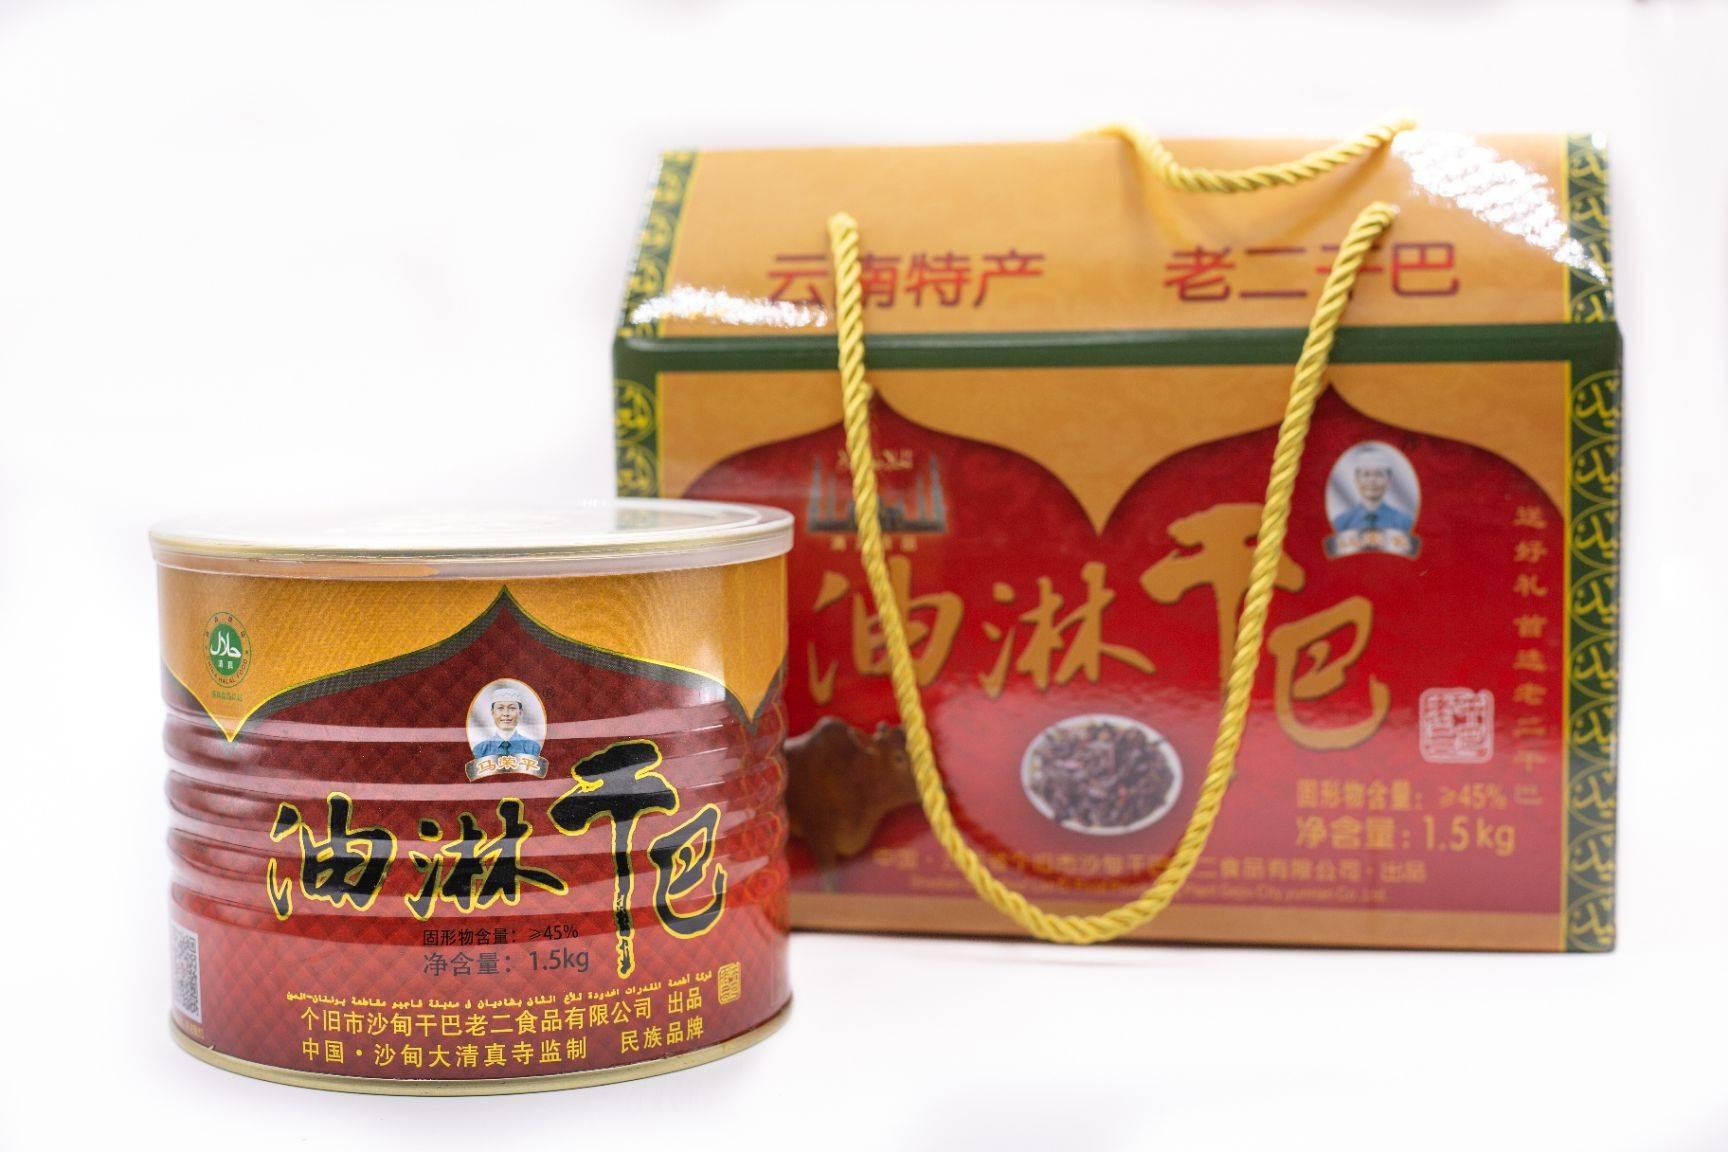 [牛干巴批发]牛干巴 熟肉价格130元/盒